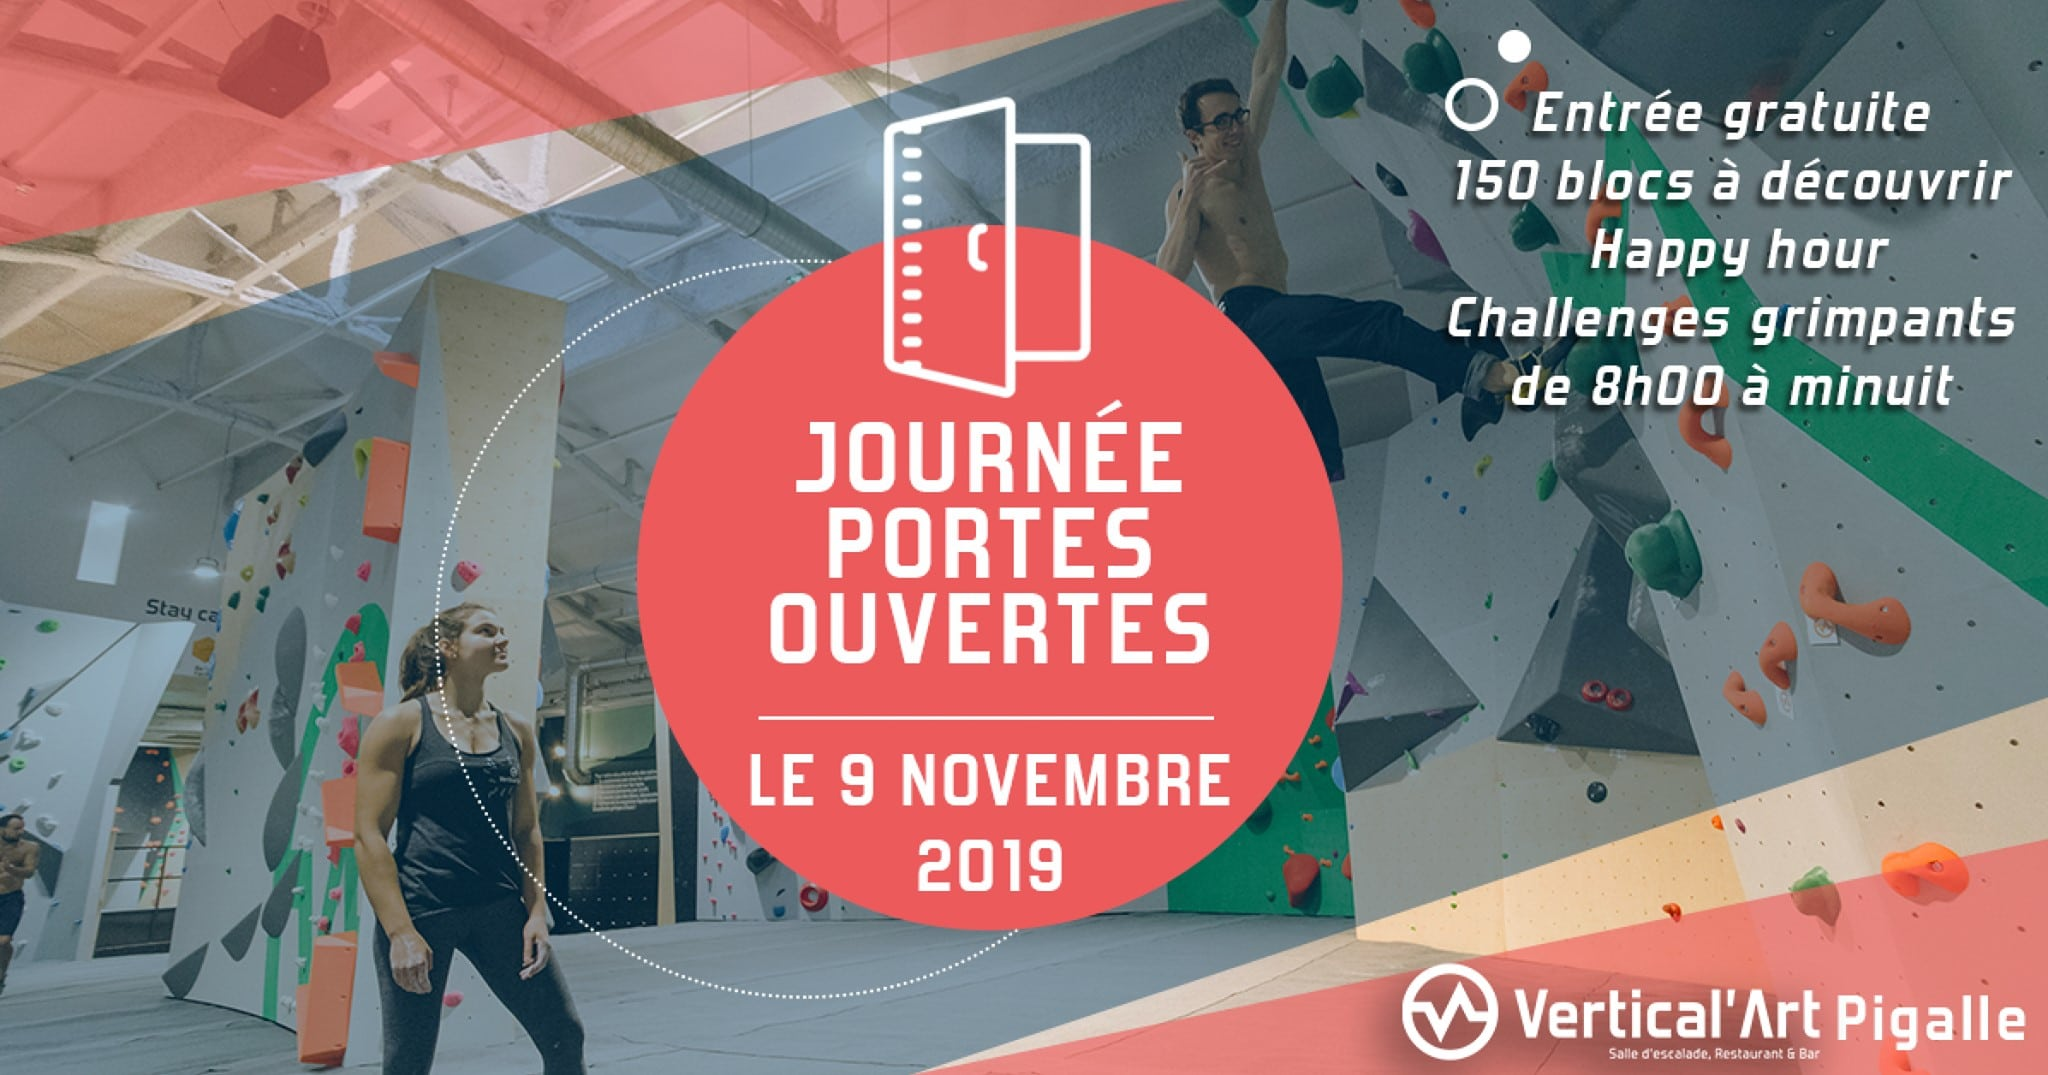 journée portes ouvertes - à Vertical'Art Pigalle - paris - salle d'escalade de bloc - restaurant & bar - gratuits - le 9 novembre 2019 -